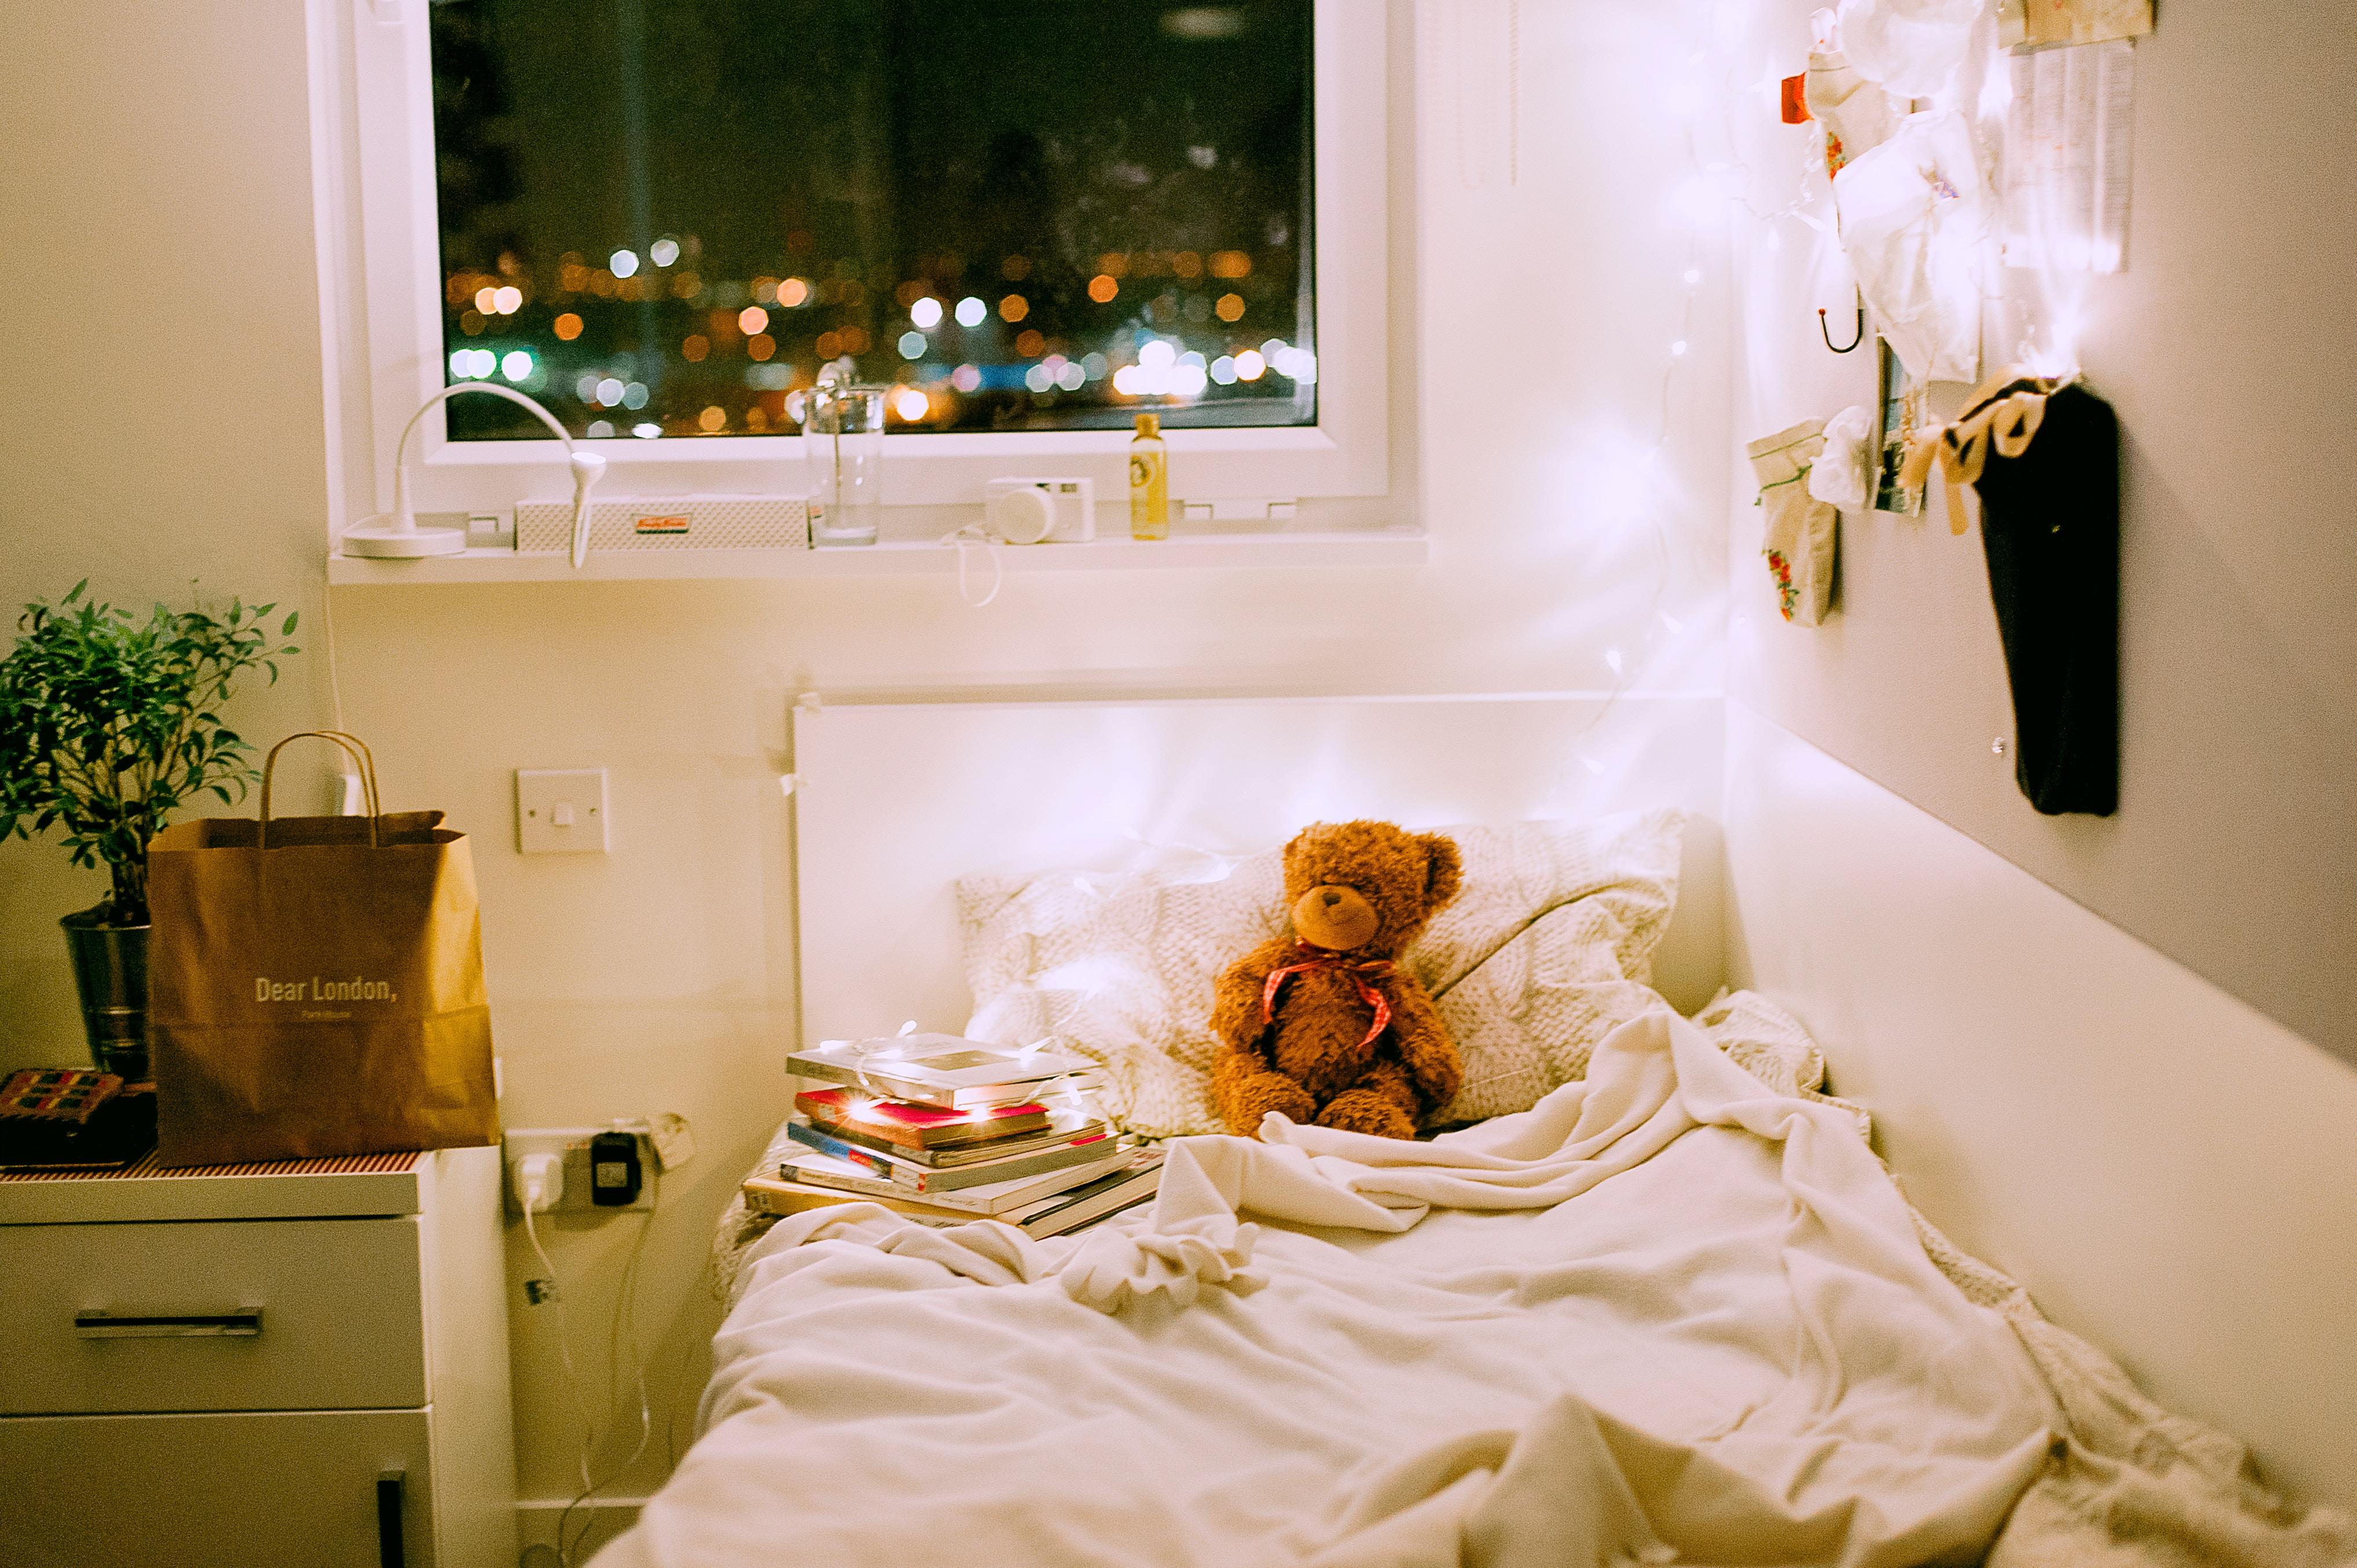 Oświetlenie do pokoju dziecięcego powinno być odpowiednio dopasowane do etapu rozwoju malca